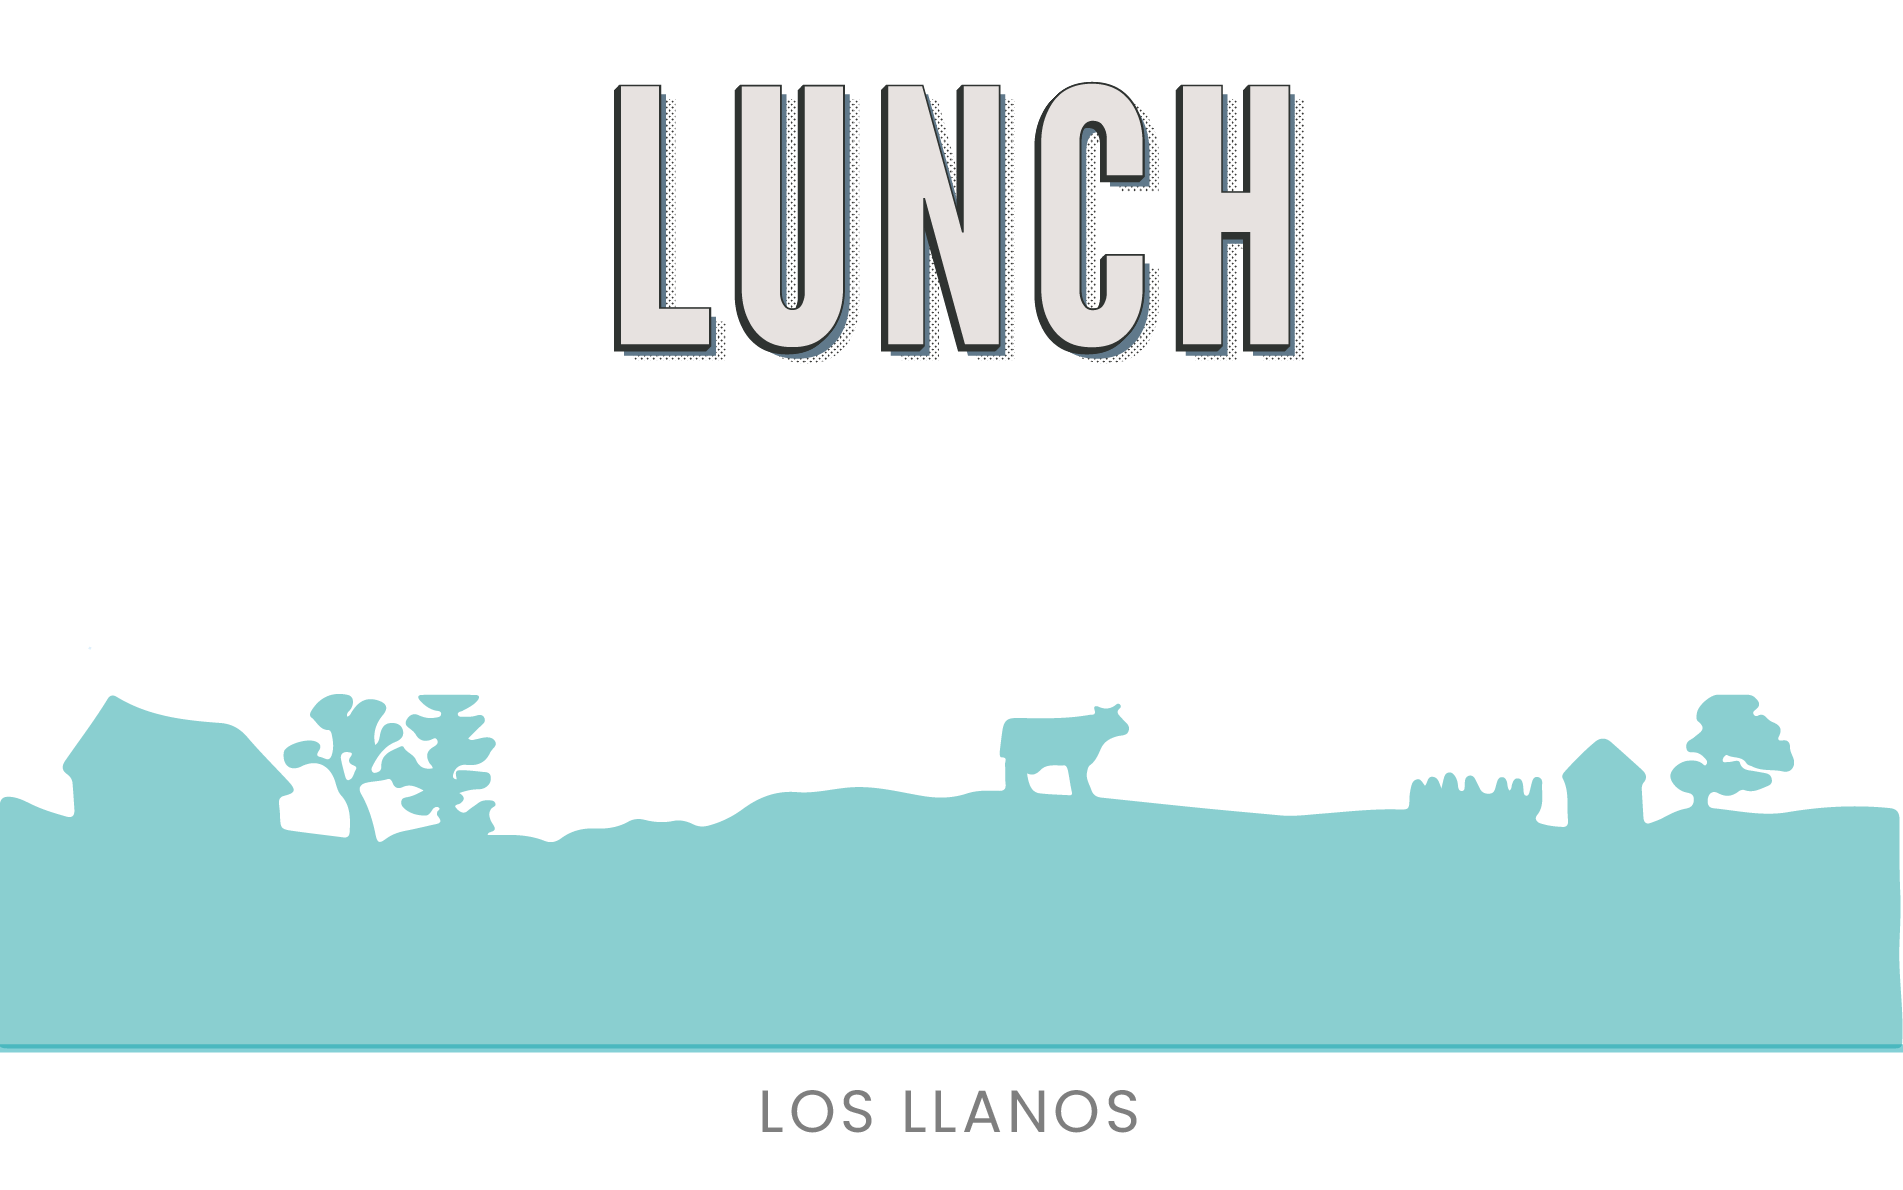 LOS_LLANOS_1